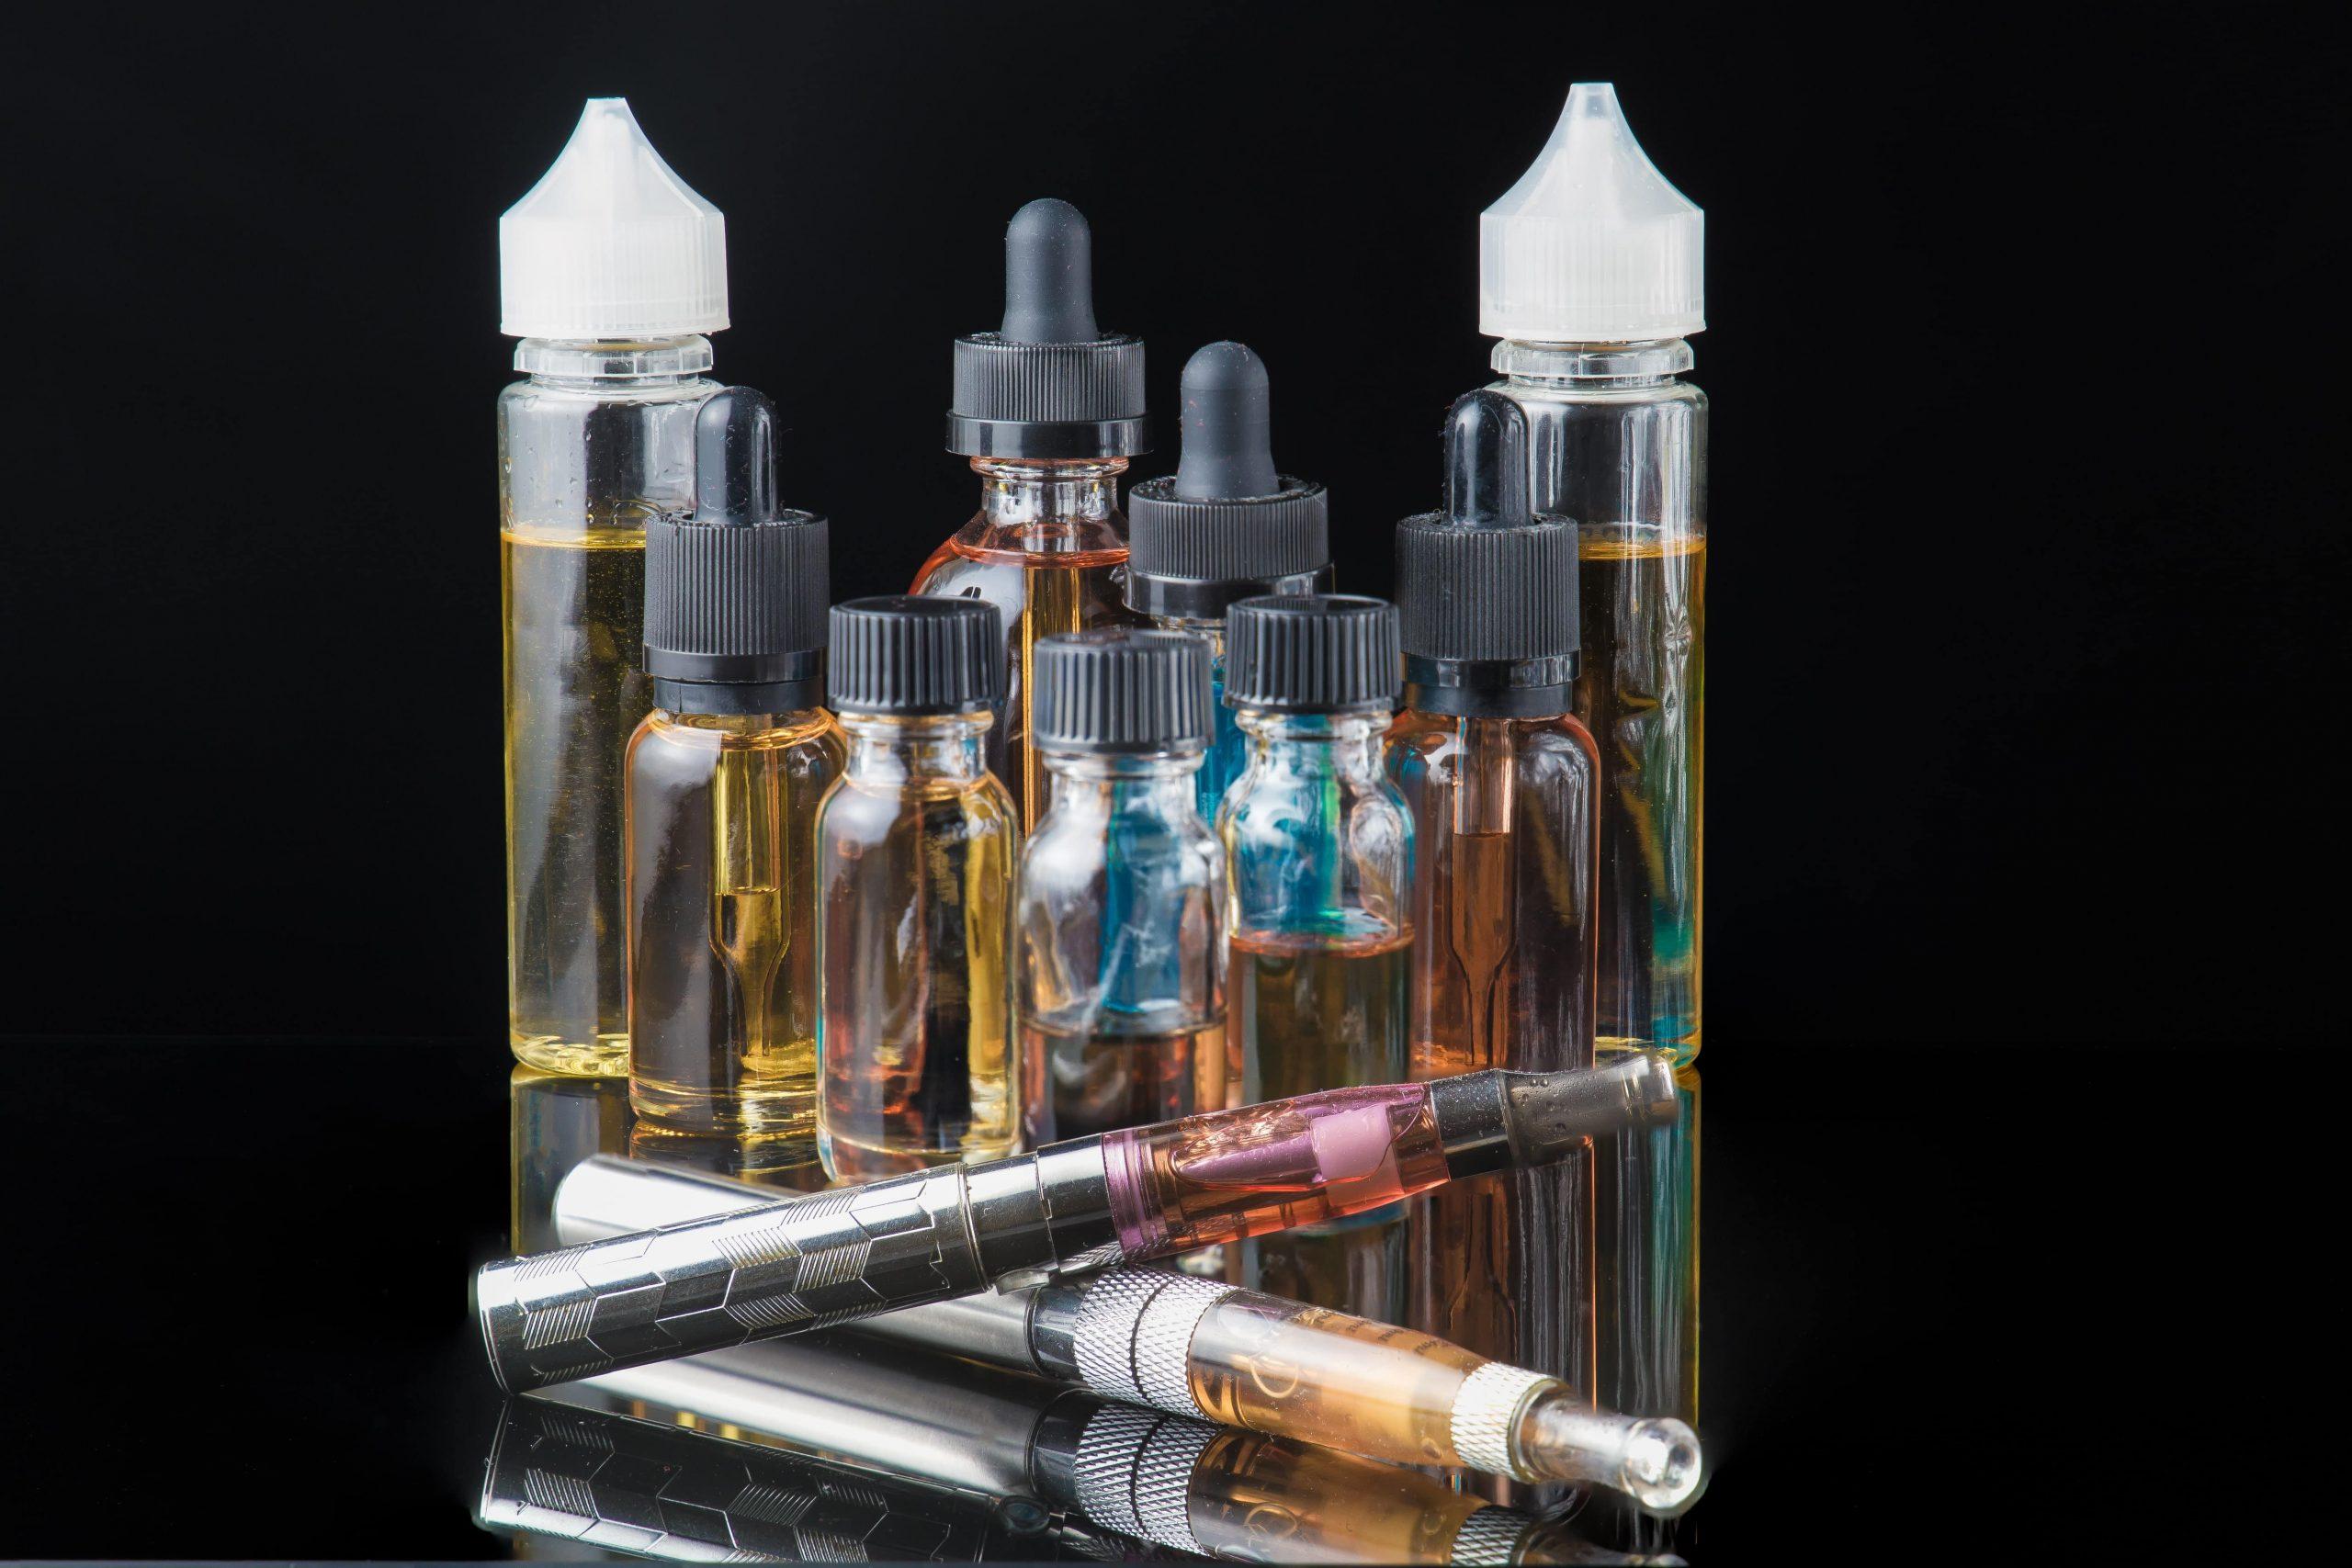 What happens when you vape an E-Cigarette?